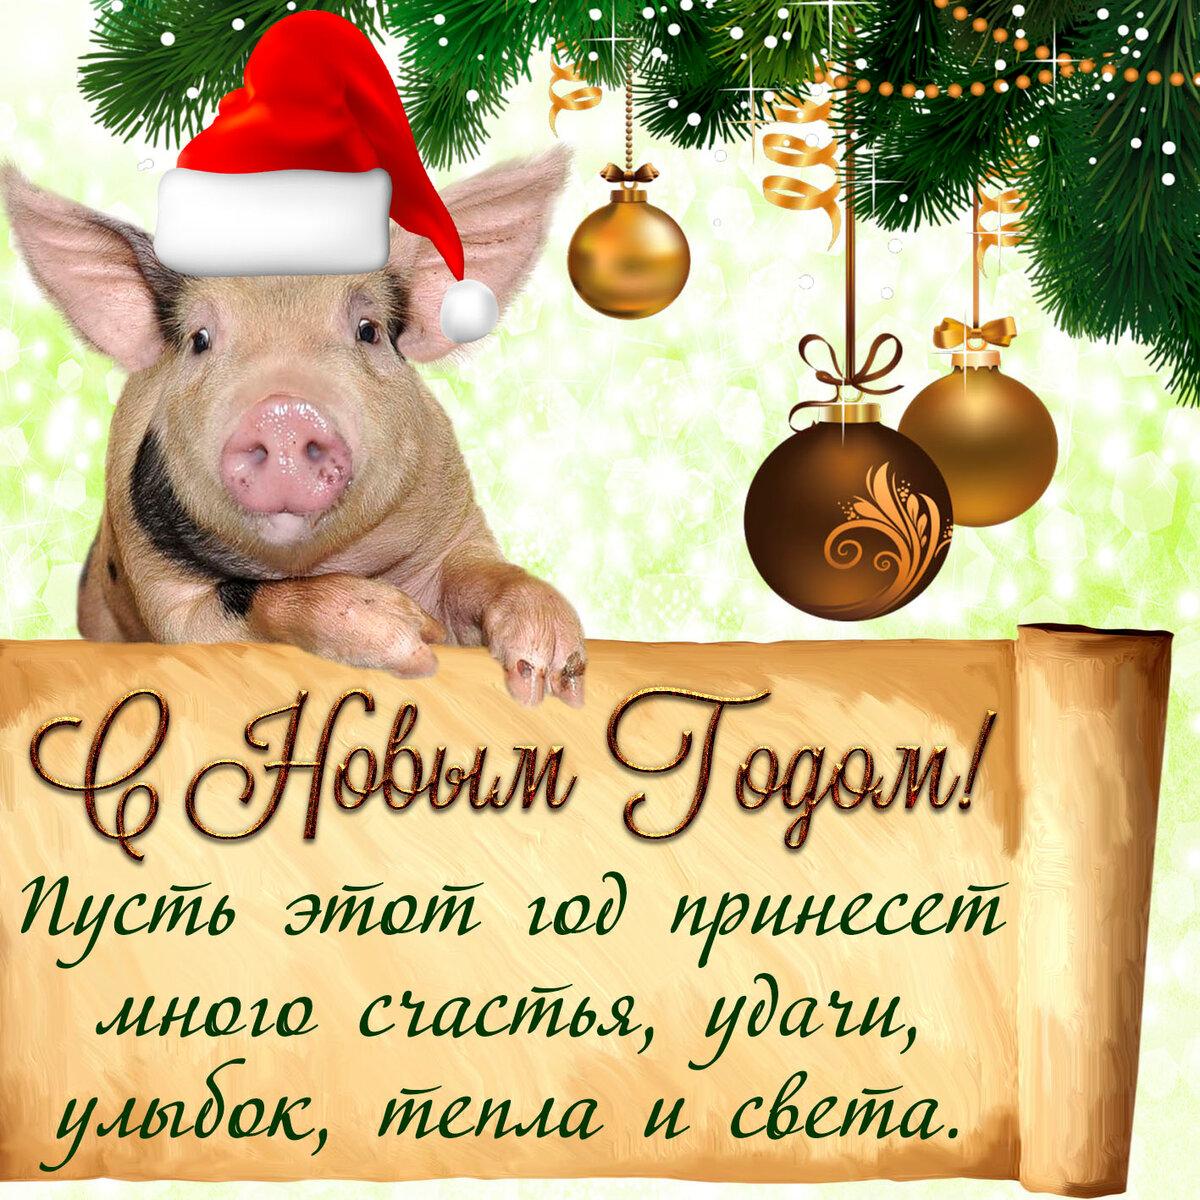 интересные открытки с новым годом 2019 свиньи мухаббатни